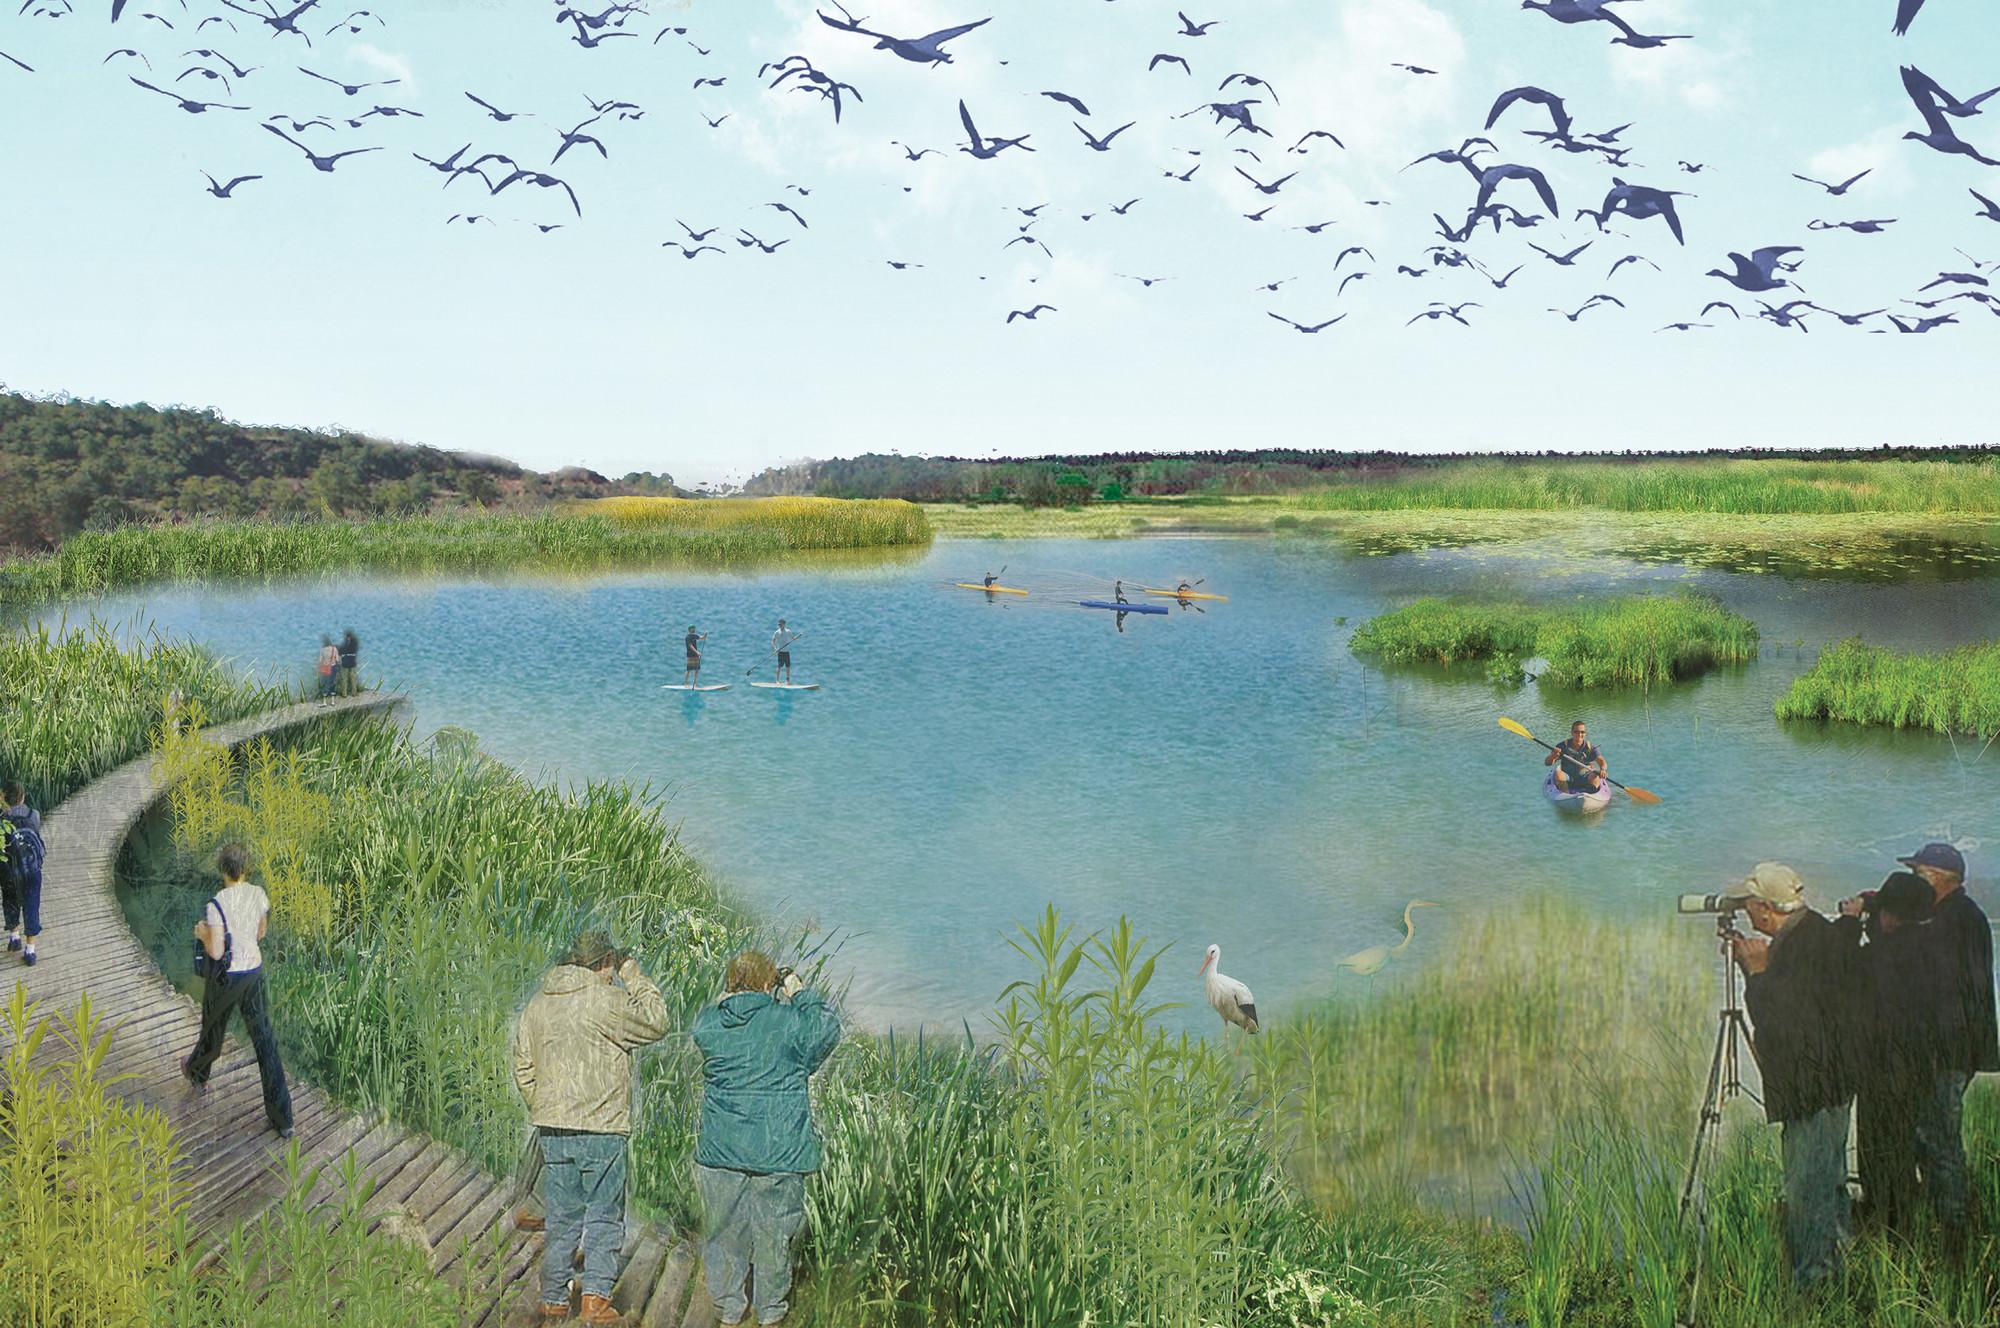 Zonas de baño en área natural. Image Cortesia de Ecosistema Urbano